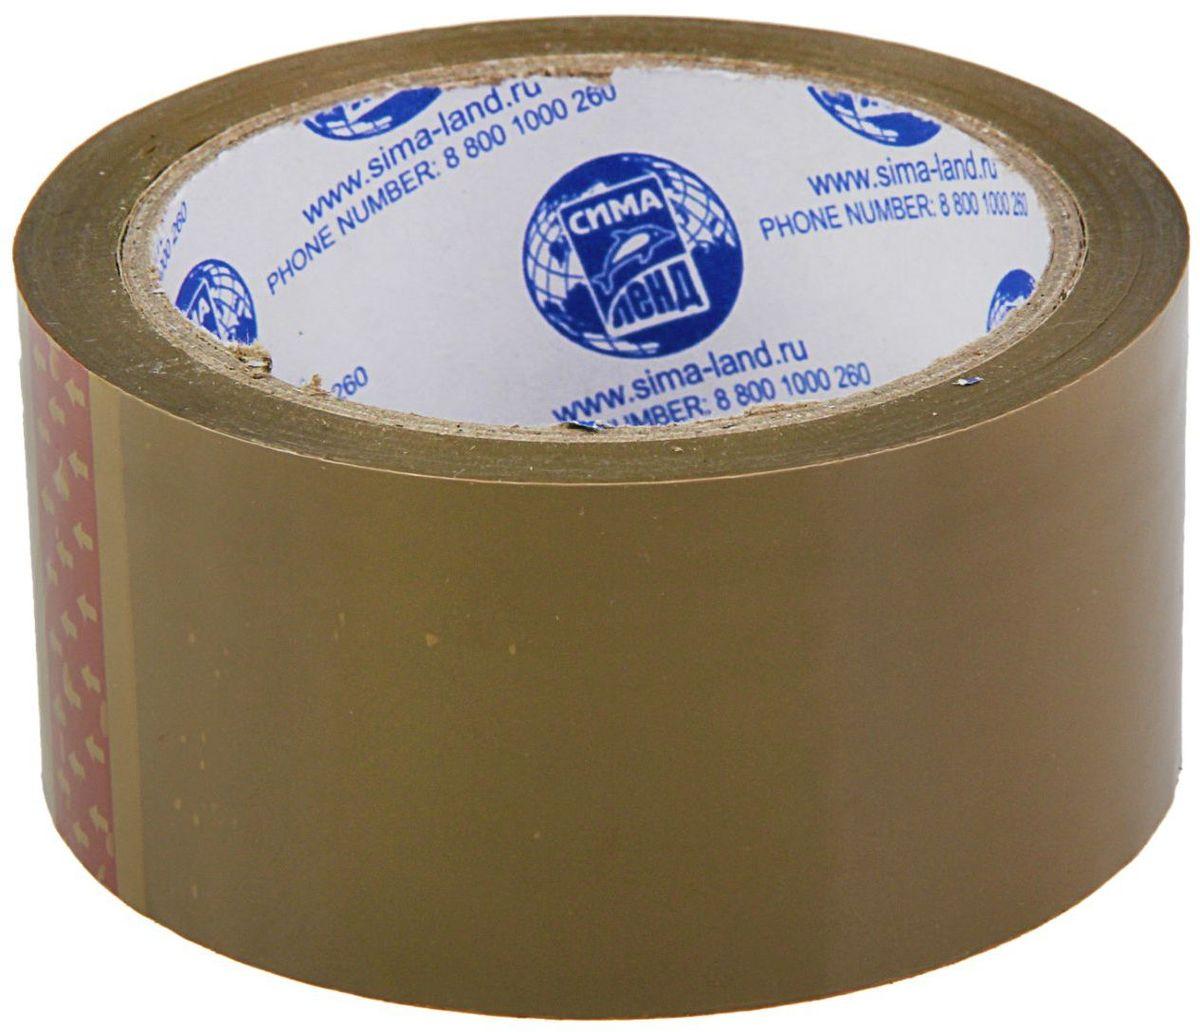 Клейкая лента цвет темно-коричневый 48 мм х 66 м мой выбор клейкая лента 48 мм х 66 м цвет прозрачный